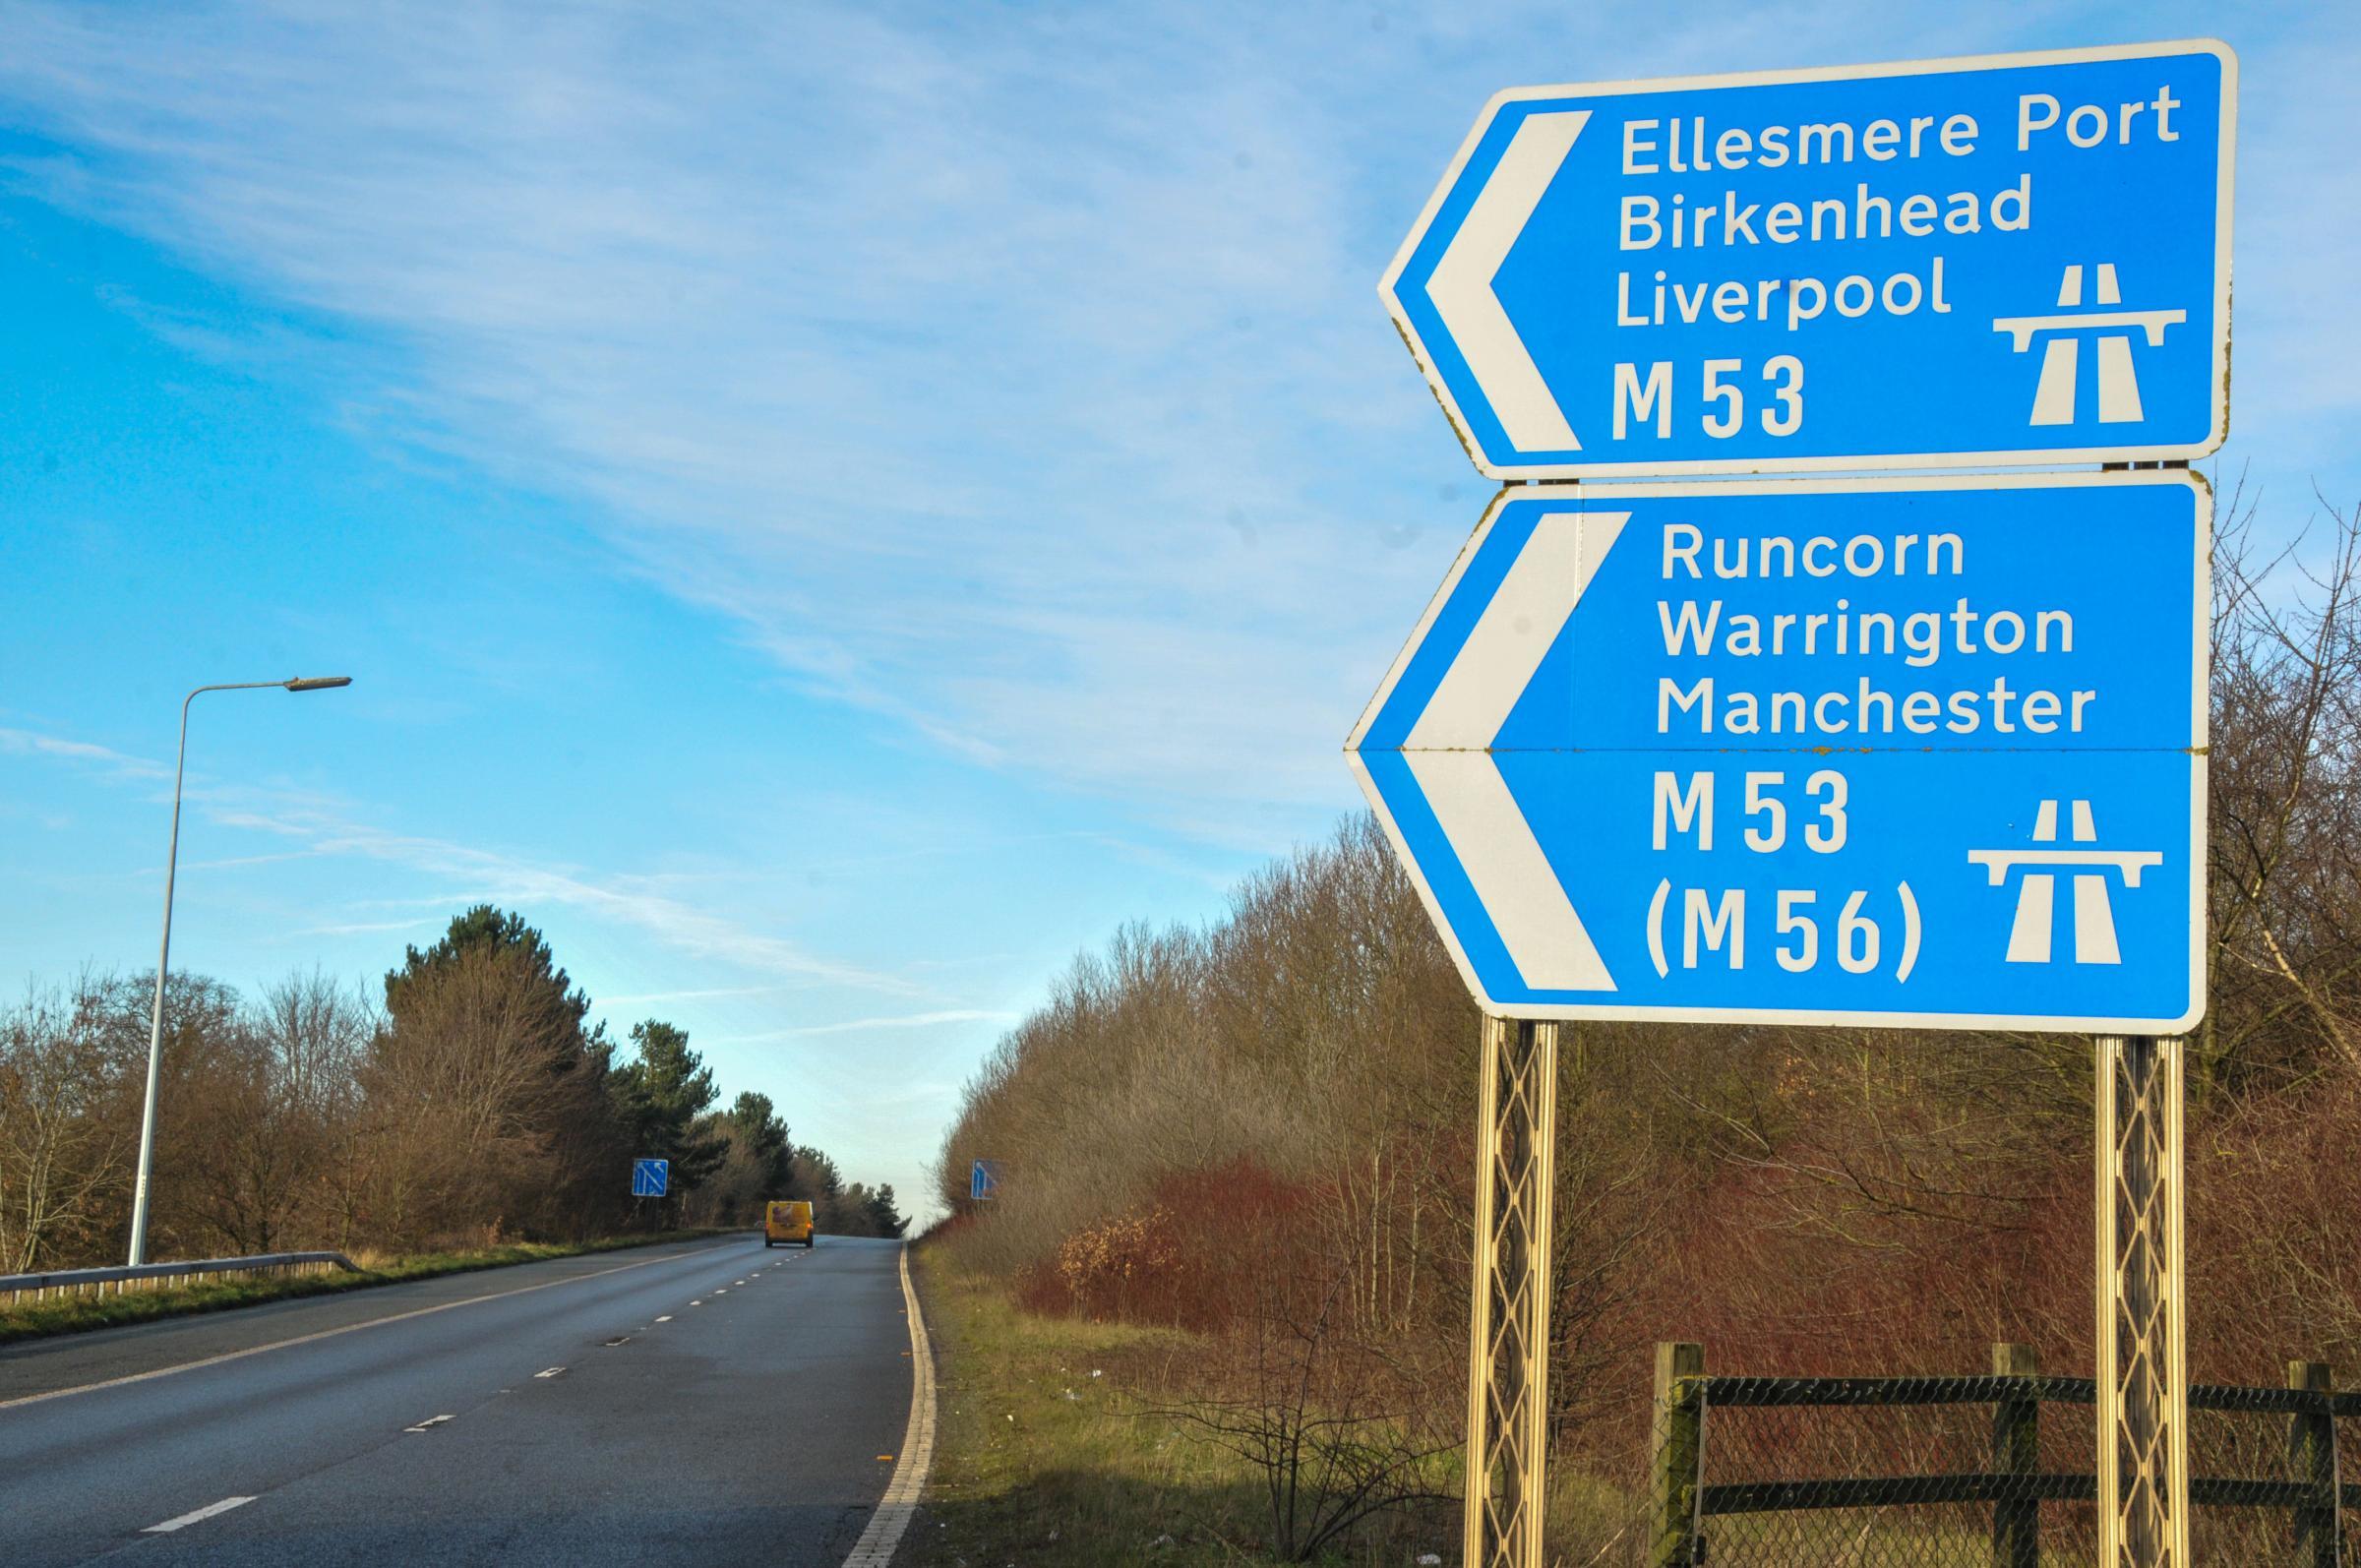 Drunk Chester racegoer fought on M53 motorway